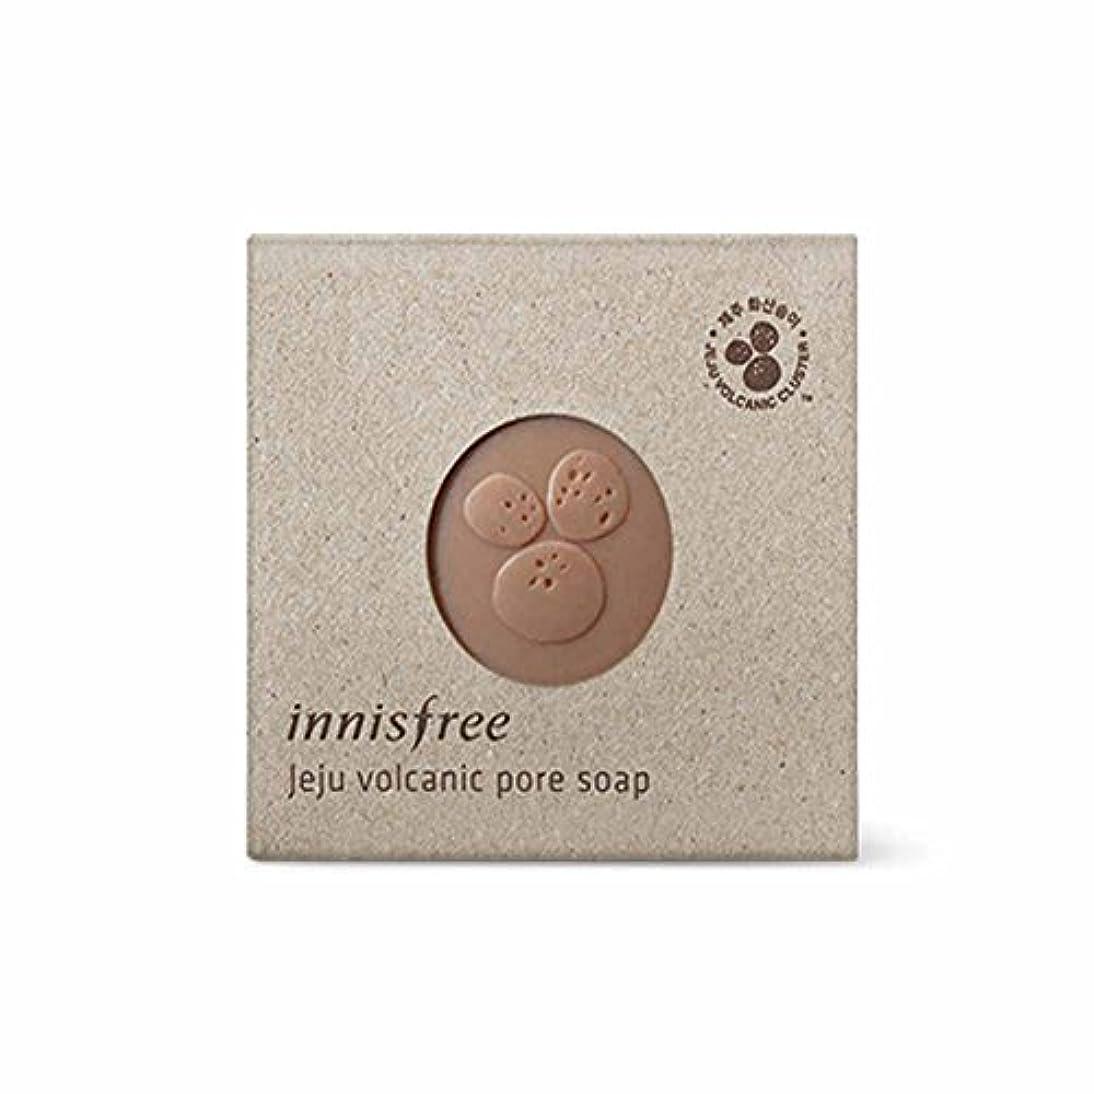 価格後革命イニスフリー済州火山ポアソープ100g / Innisfree Jeju Volcanic Pore Soap 100g[海外直送品][並行輸入品]